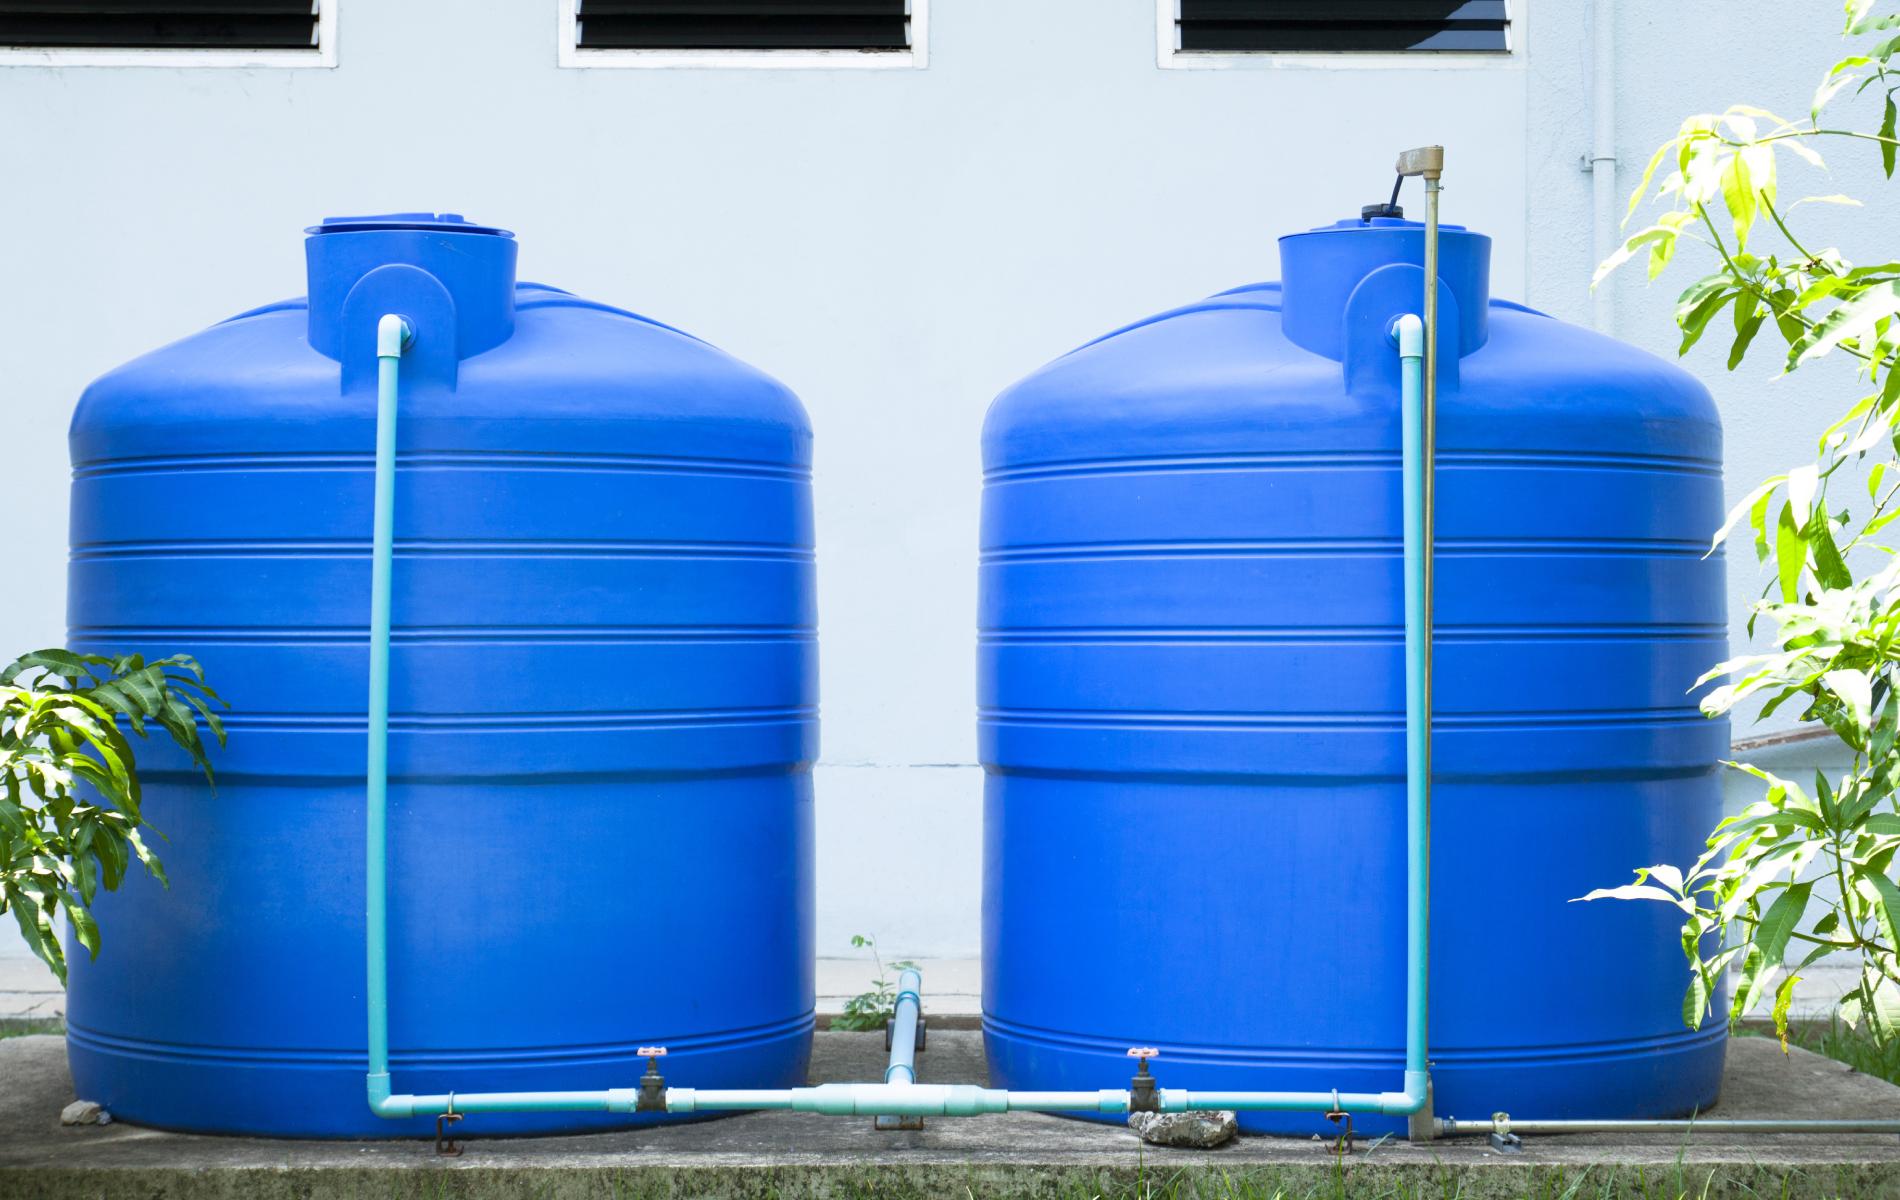 Companhia de Saneamento Básico do Estado de São Paulo, em parceria com as empresas Tigre e a Amanco, está distribuindo 2.400 caixas